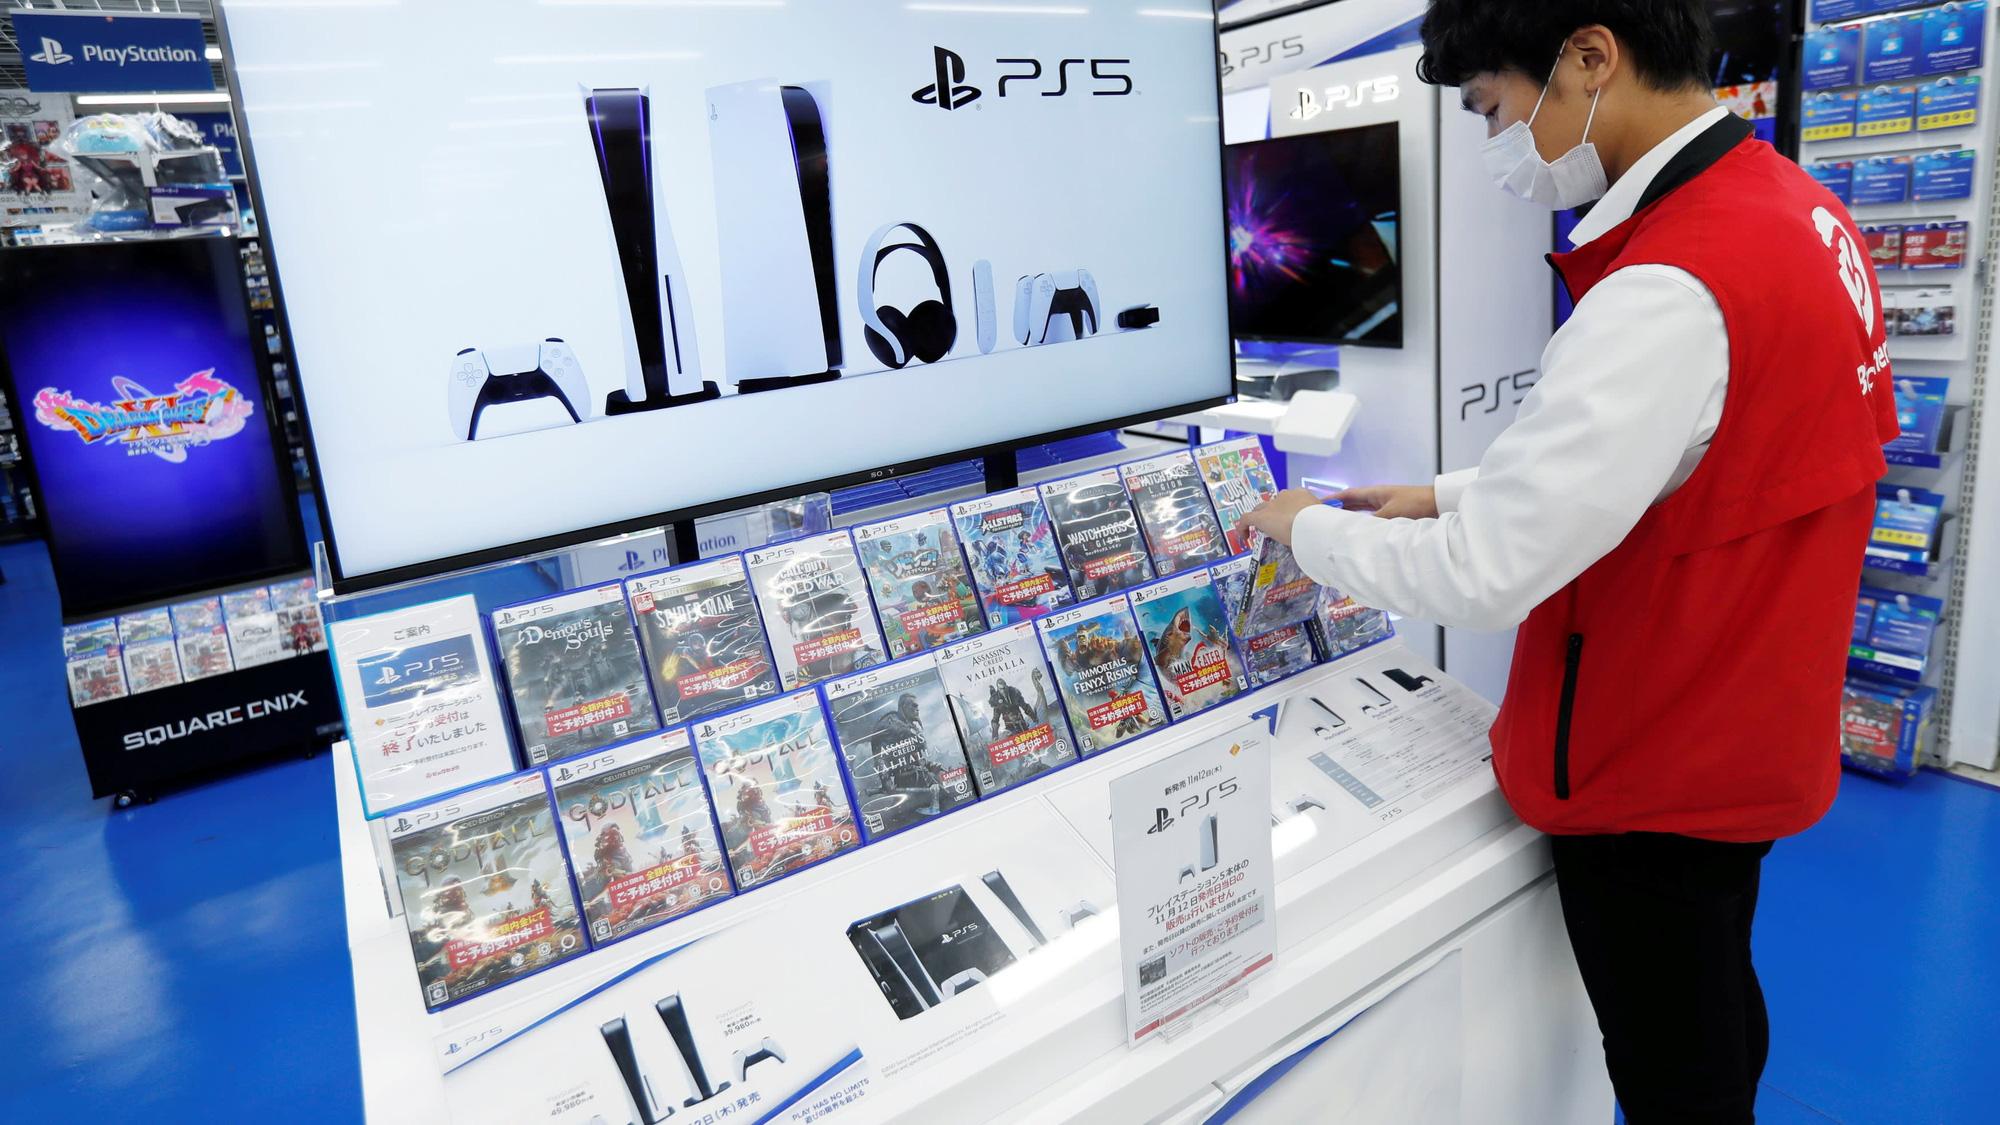 """Máy chơi game PS5 vừa mở bán đã """"cháy hàng"""" toàn cầu"""